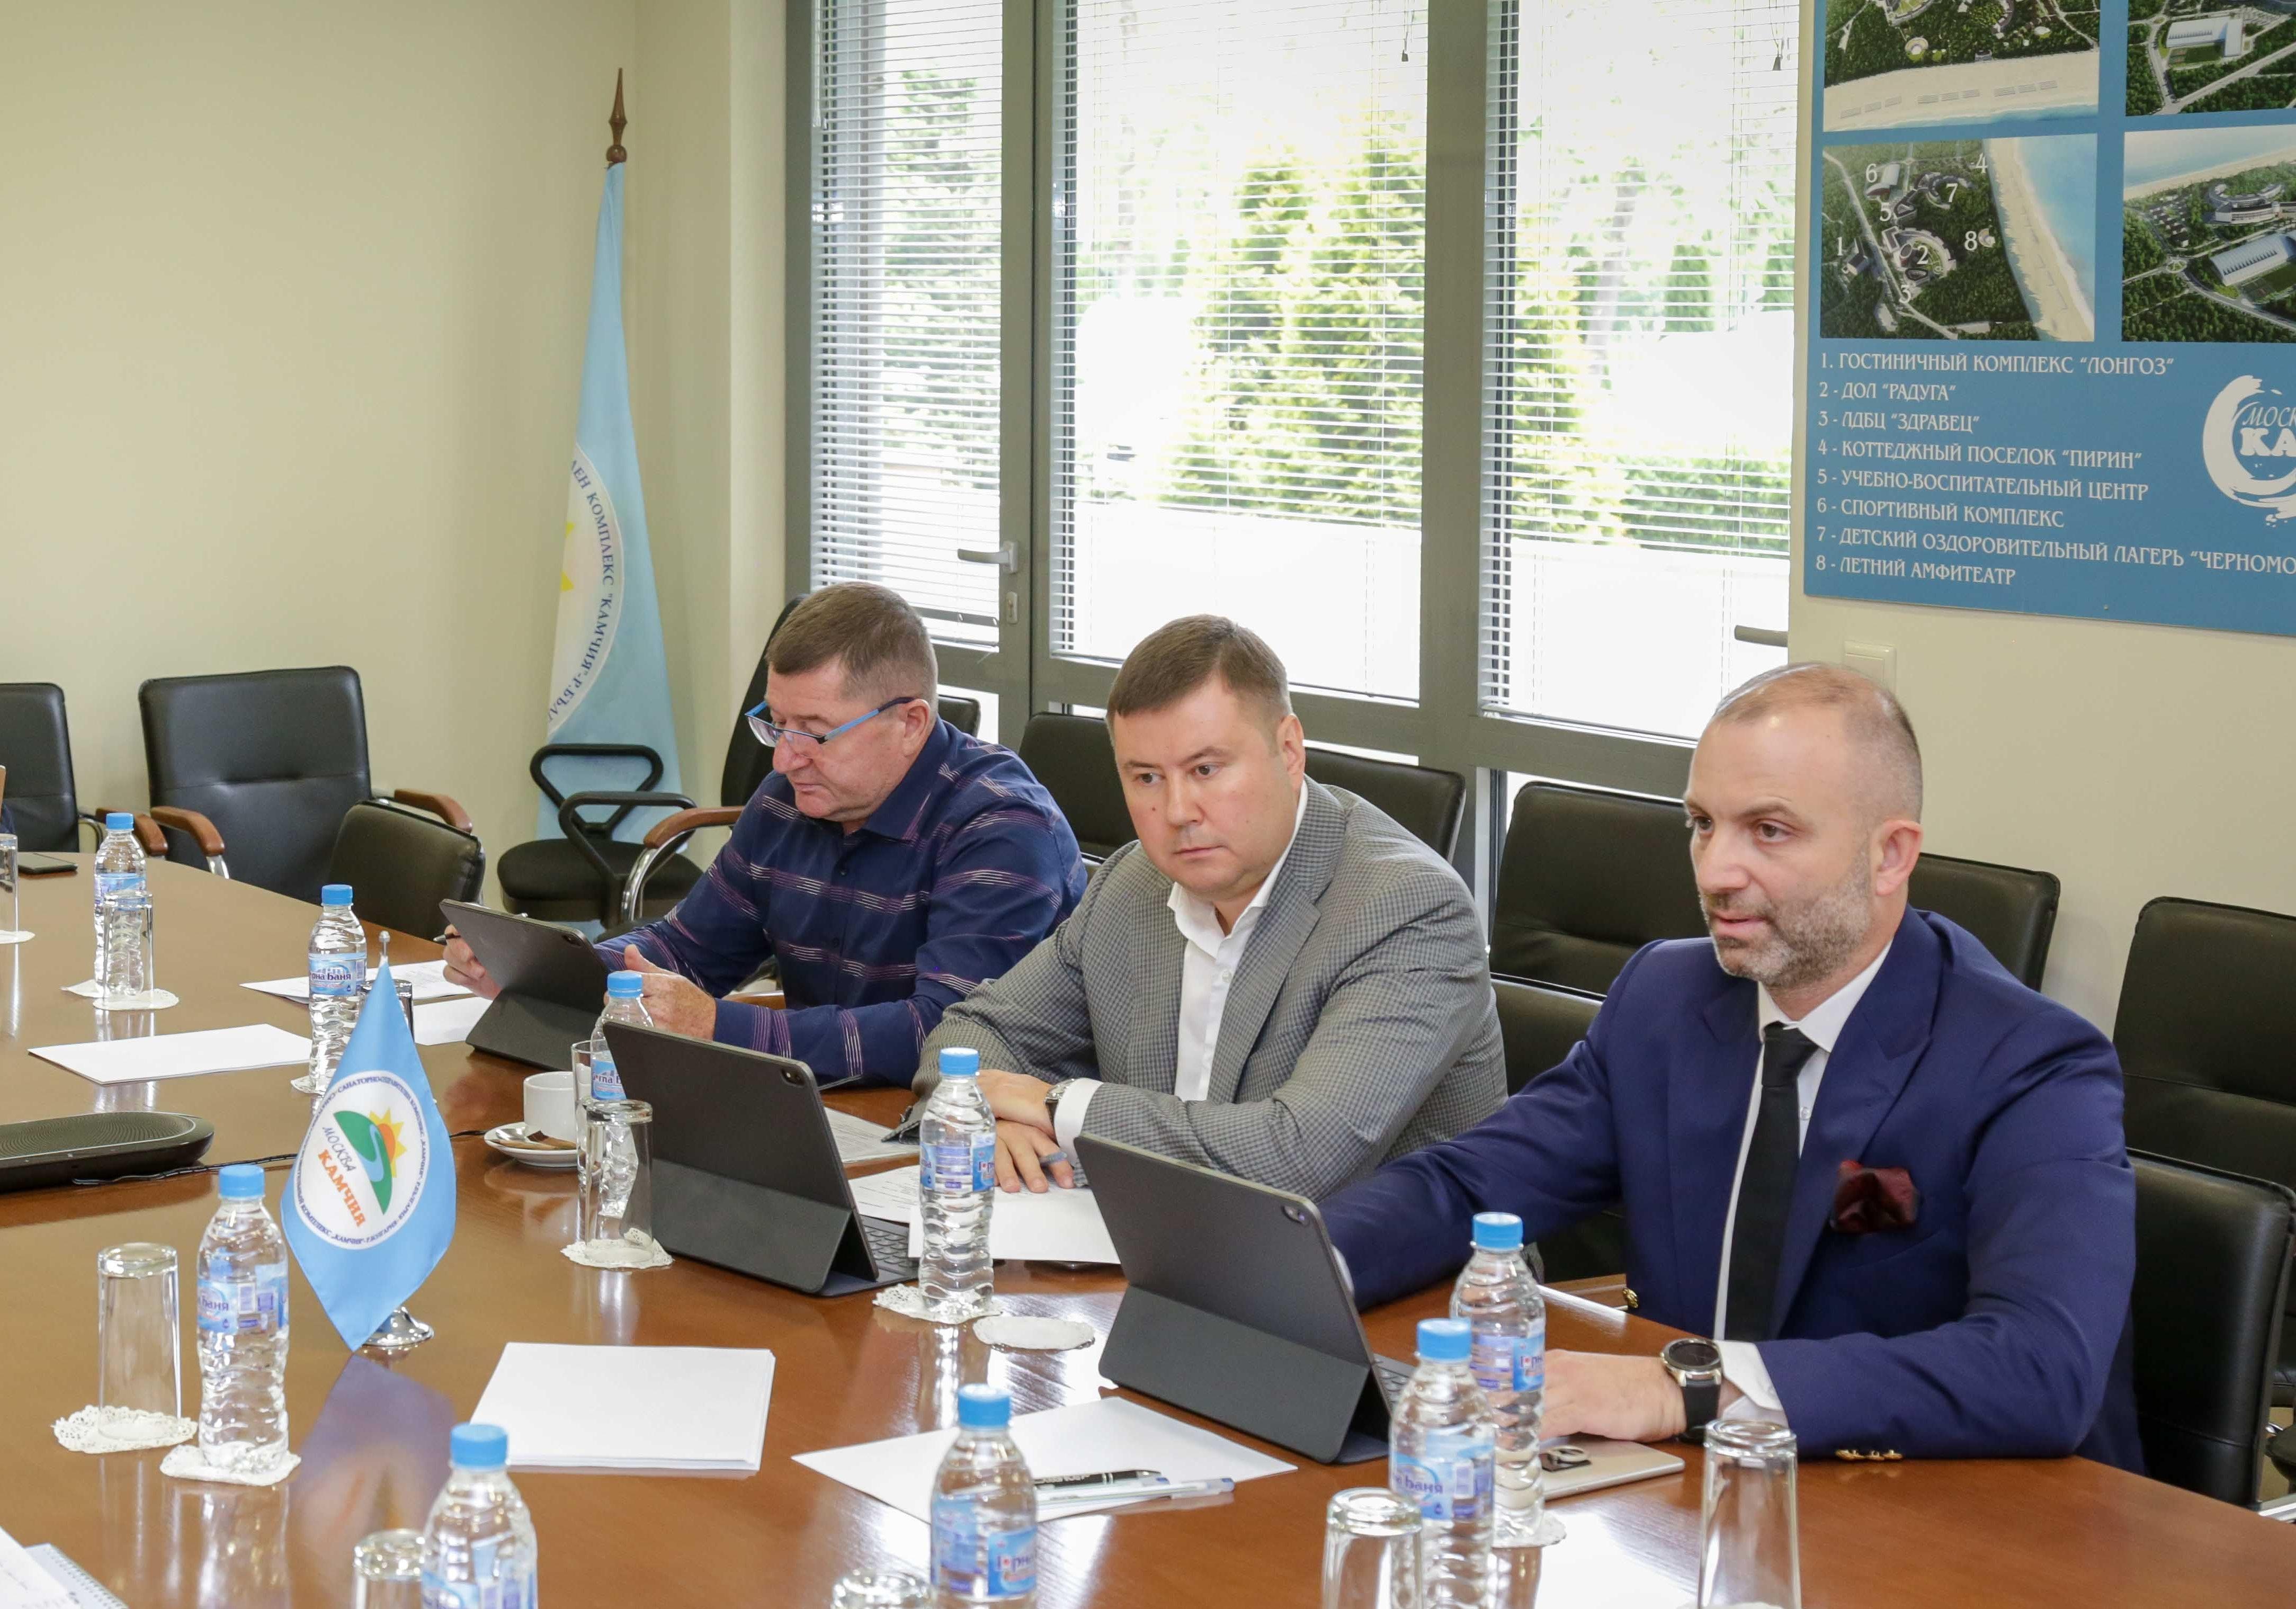 Совещание Совета директоров в Санаторно-оздоровительном комплексе «Камчия»